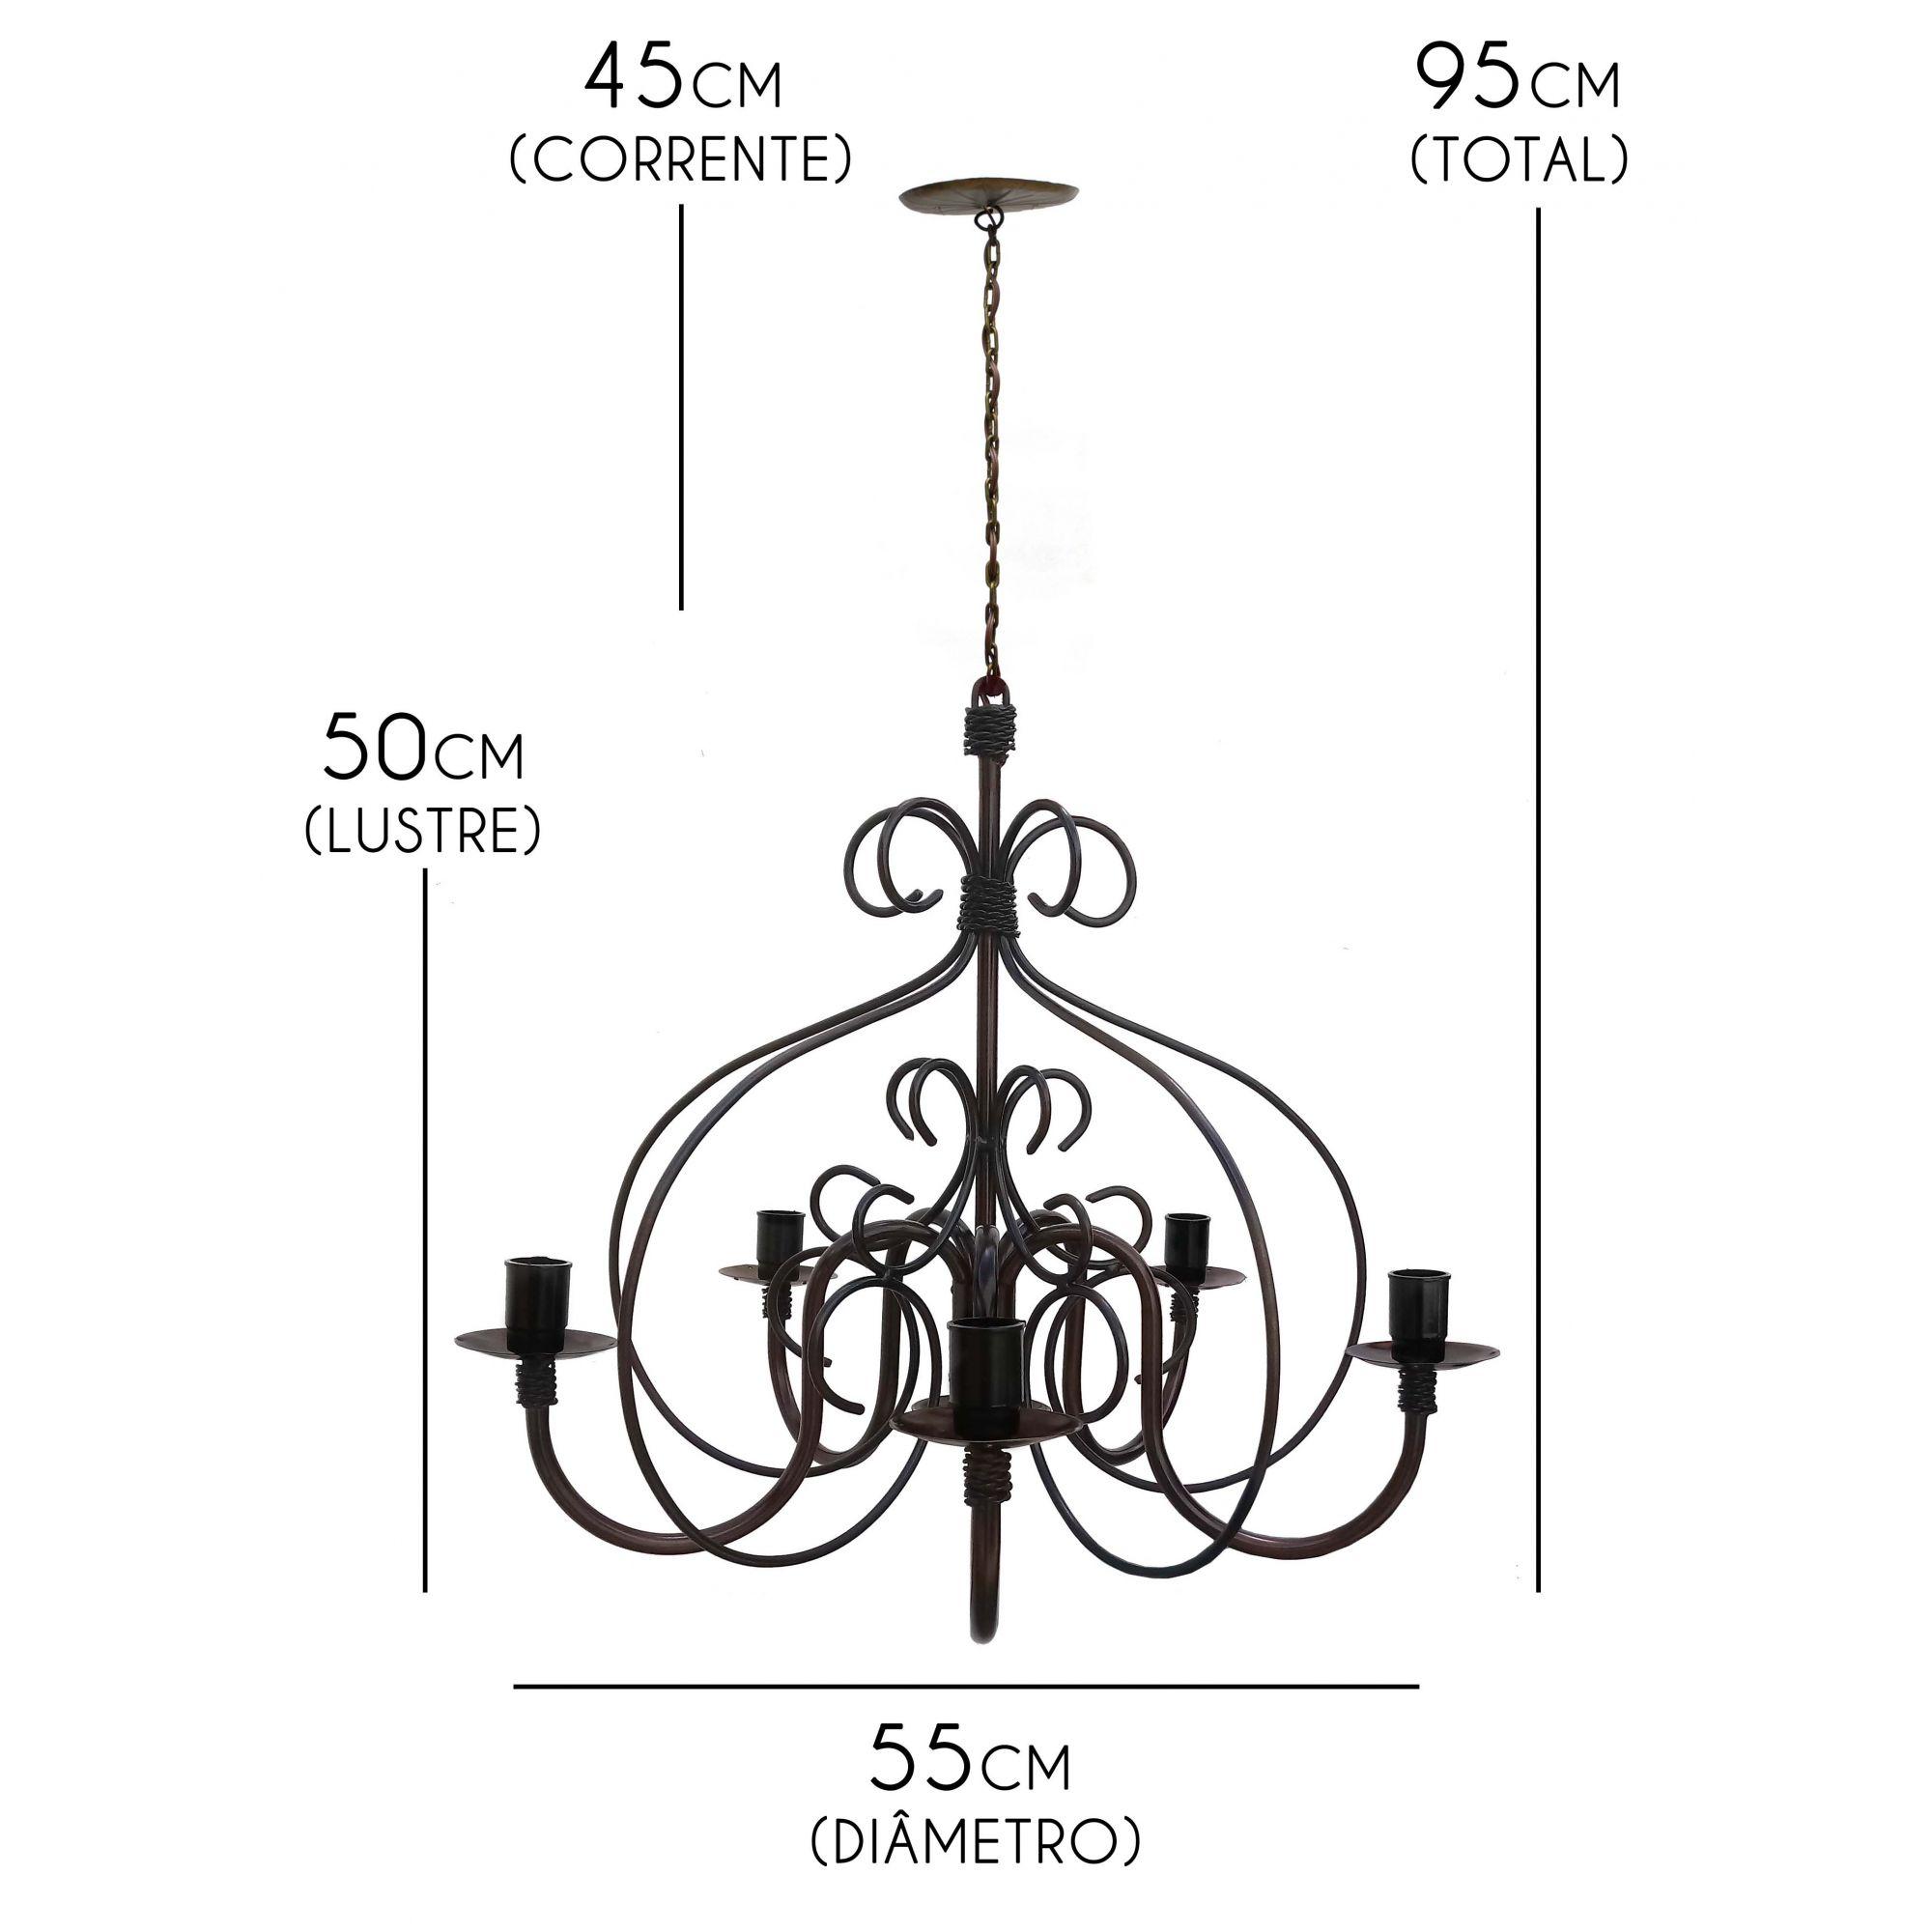 Luminaria Rustica De Ferro Artesanal Para Iluminação De Sala de Estar